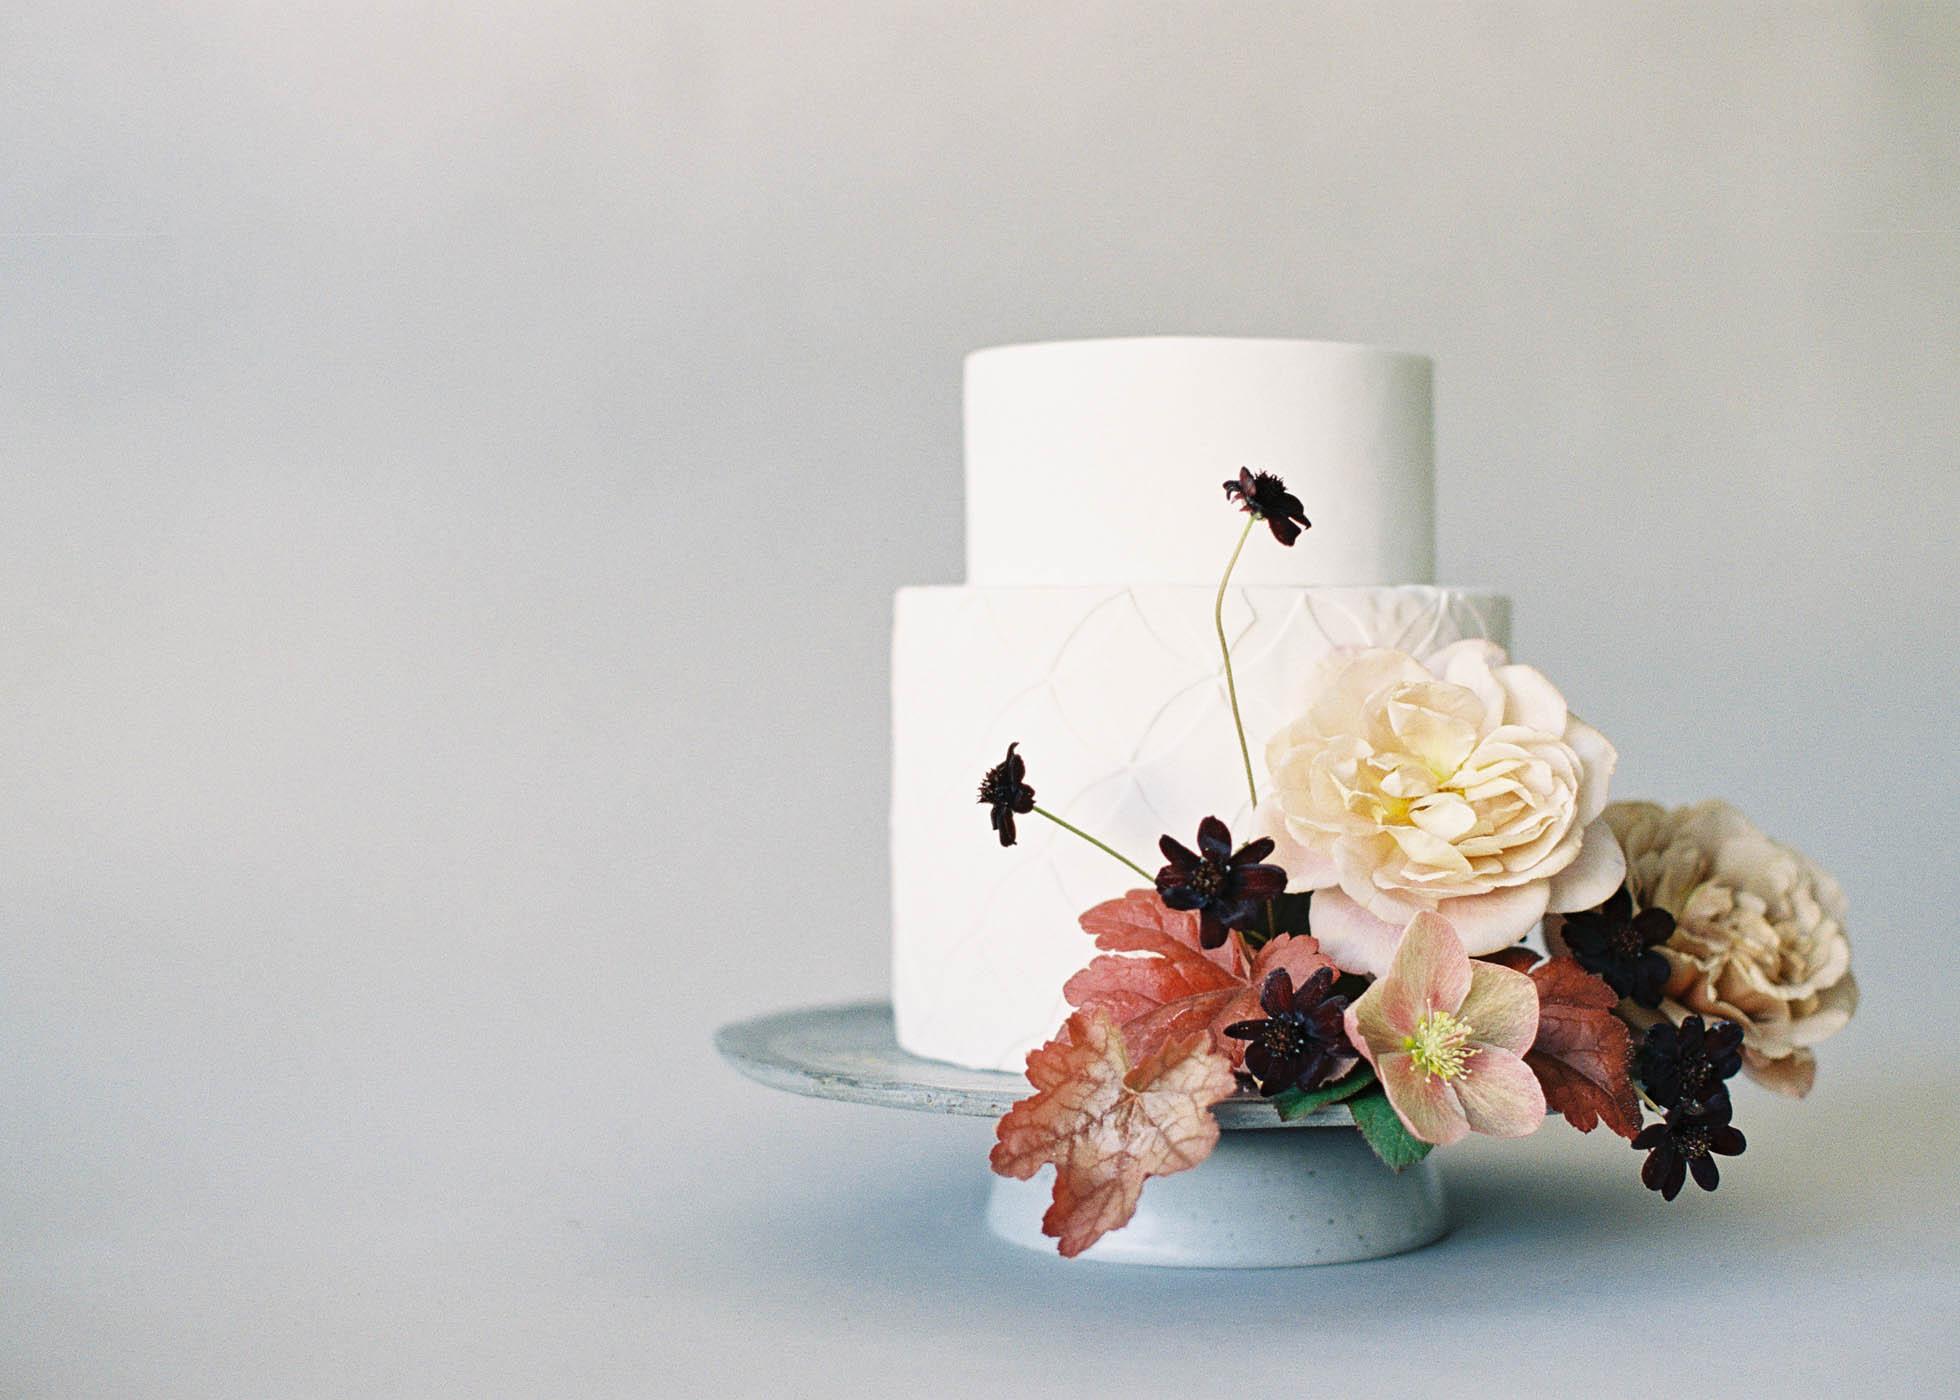 Cake-Favorites-18-Jen_Huang-000486-R1-057-27.jpg